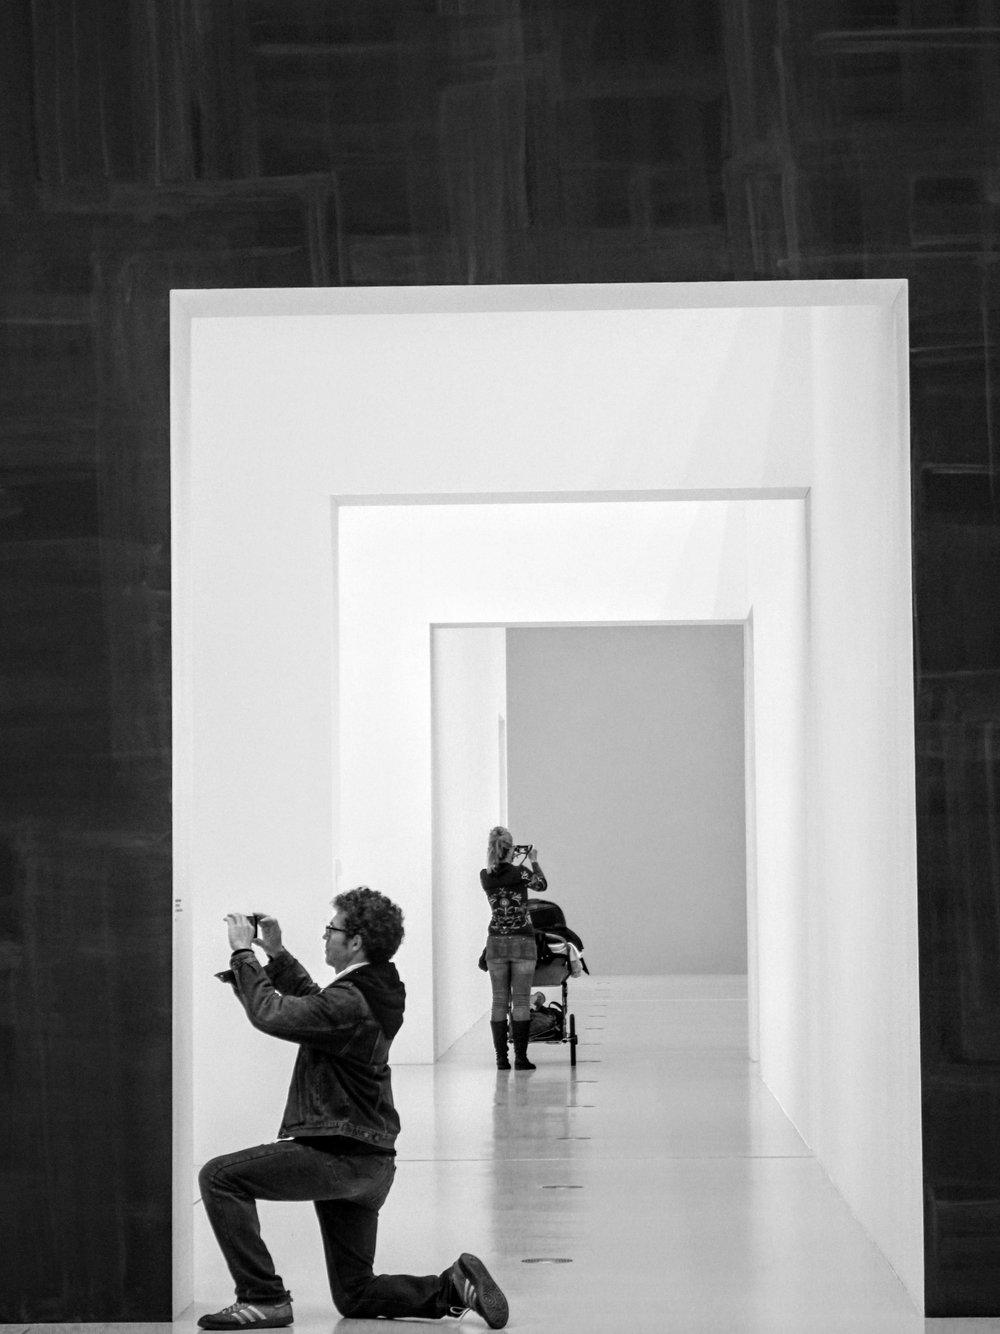 Notre histoire - Amateur d'art, Christian Beckendorf parcourt les musées du monde entier. Il accumule les applications de musées et photographie les œuvres qui l'interpellent : les prises de vue sont souvent de mauvaise qualité, les informations manquent et les photos s'égarent dans son smartphone…Passionné par les nouvelles technologies, Emmanuel Viard s'aperçoit rapidement des limites des applications proposées par les musées : développements longs et coûteux, applications peu ergonomiques et personnalisables, utilisées durant la visite puis oubliées dans le téléphone.Ensemble, ils ont créé Léonart, la solution numérique de médiation qui accompagne l'utilisateur dans toutes ses visites, sauvegarde son historique artistique et ses œuvres favorites.